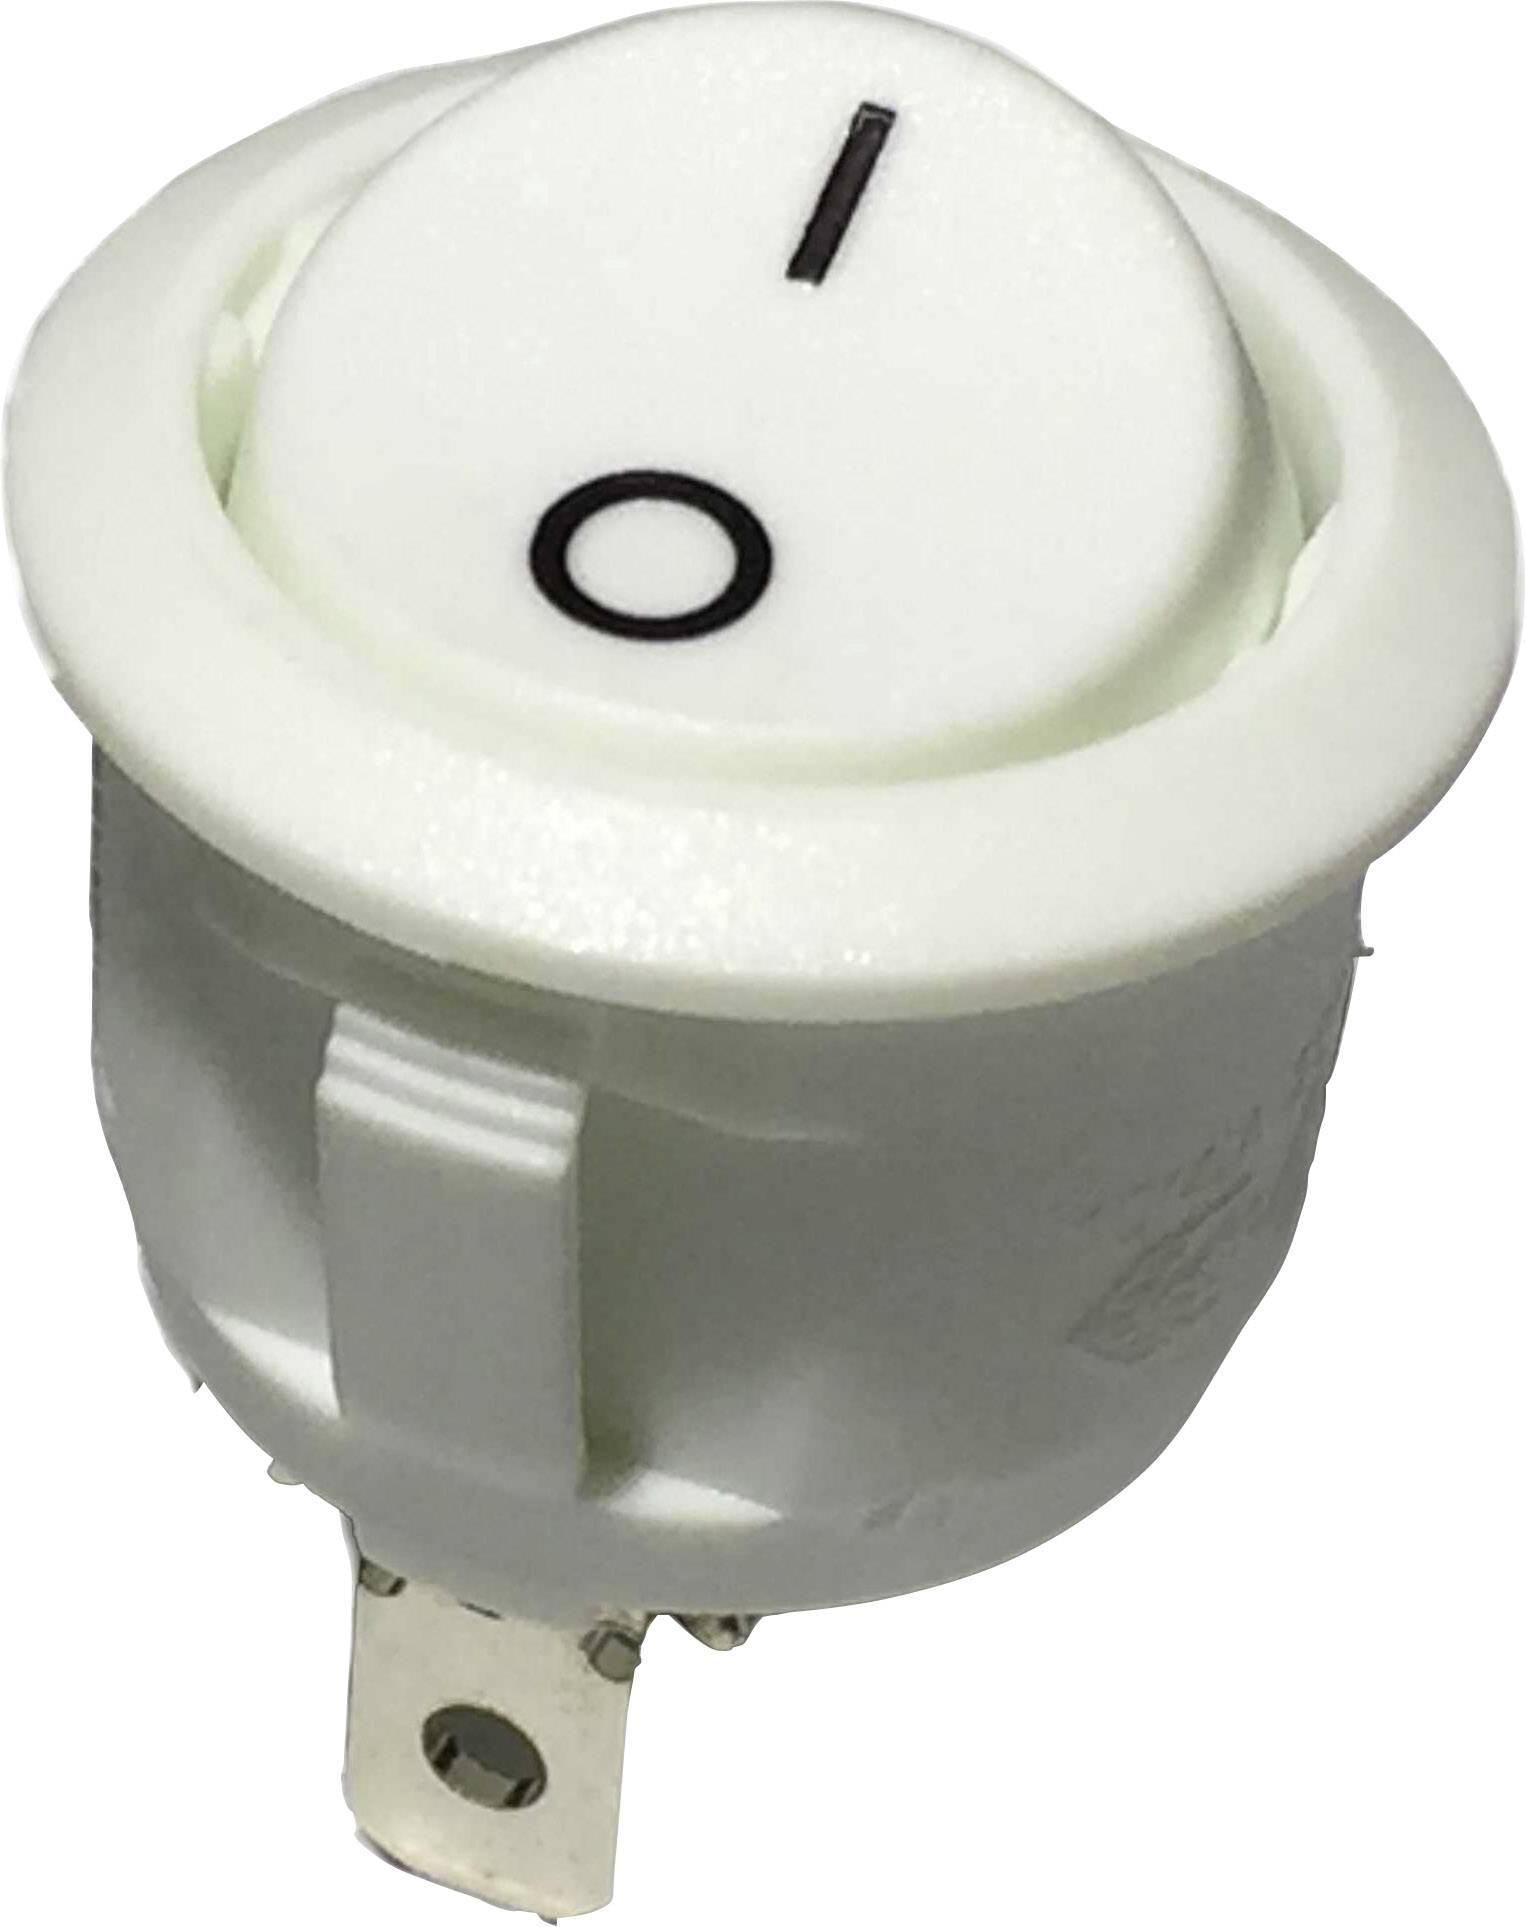 Kolískový spínač s aretáciou TRU COMPONENTS R13-112A W/W PRINT 0/I, 250 V/AC, 6 A, 1x vyp/zap, 1 ks